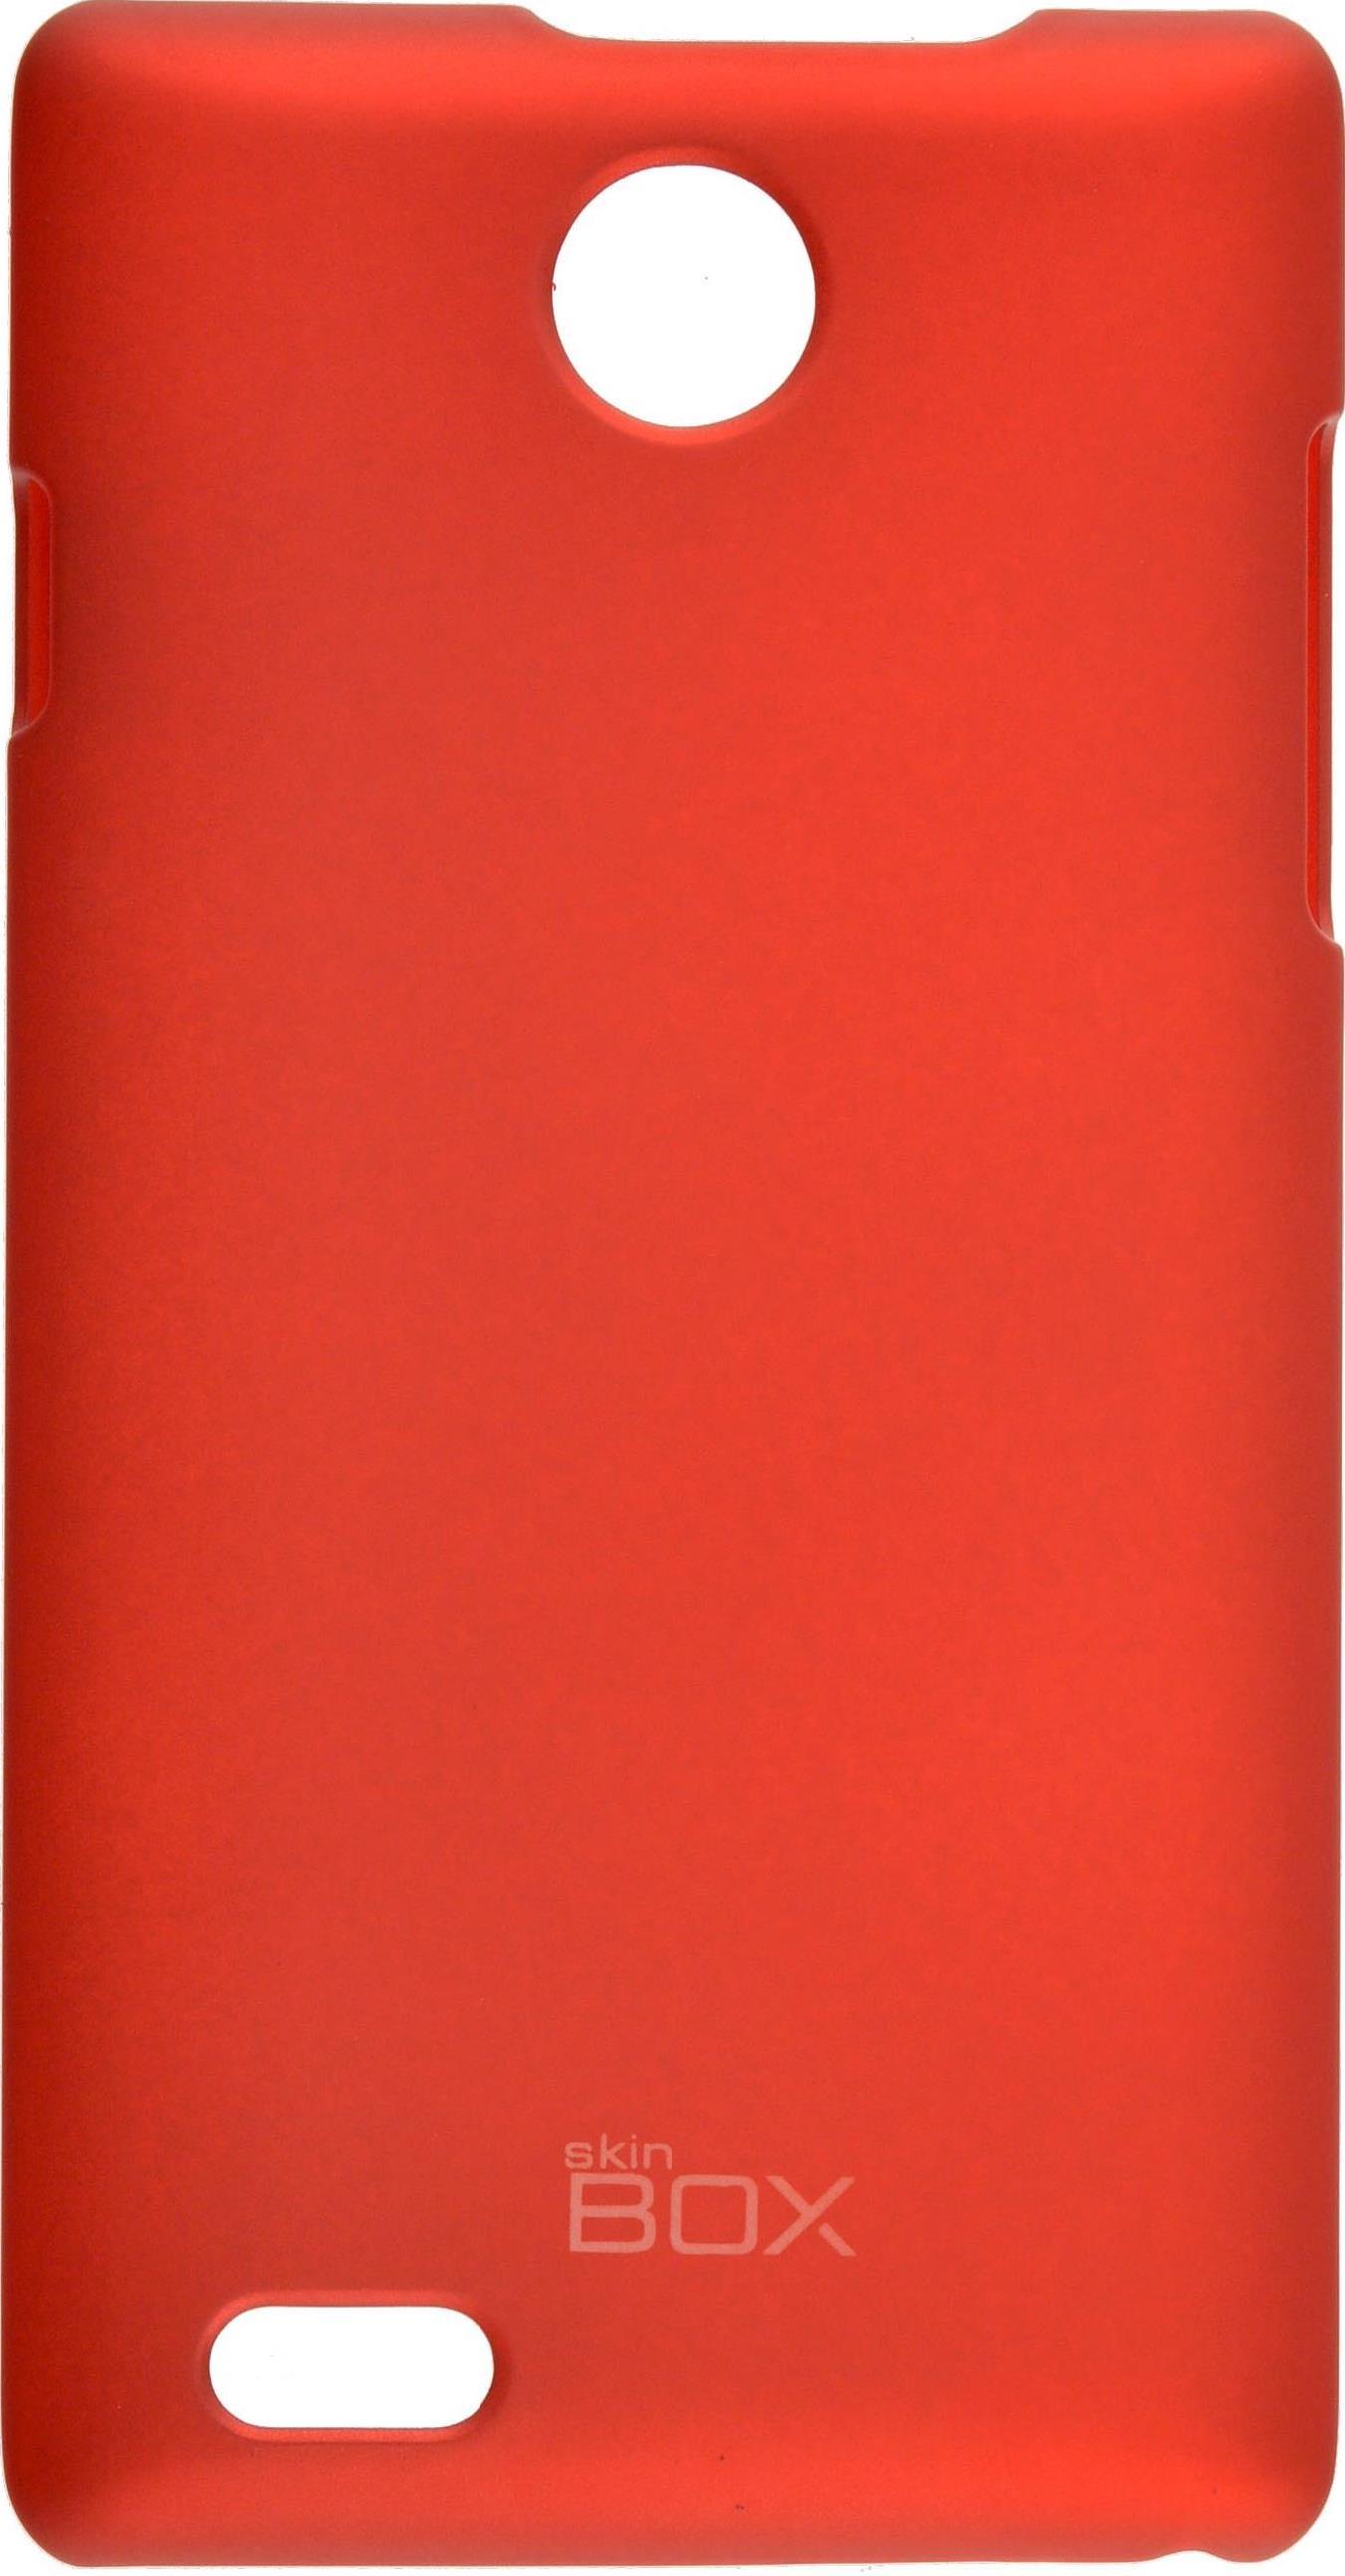 Чехол для сотового телефона skinBOX 4People, 4630042525139, красный чехол для сотового телефона skinbox 4people 4630042528994 красный